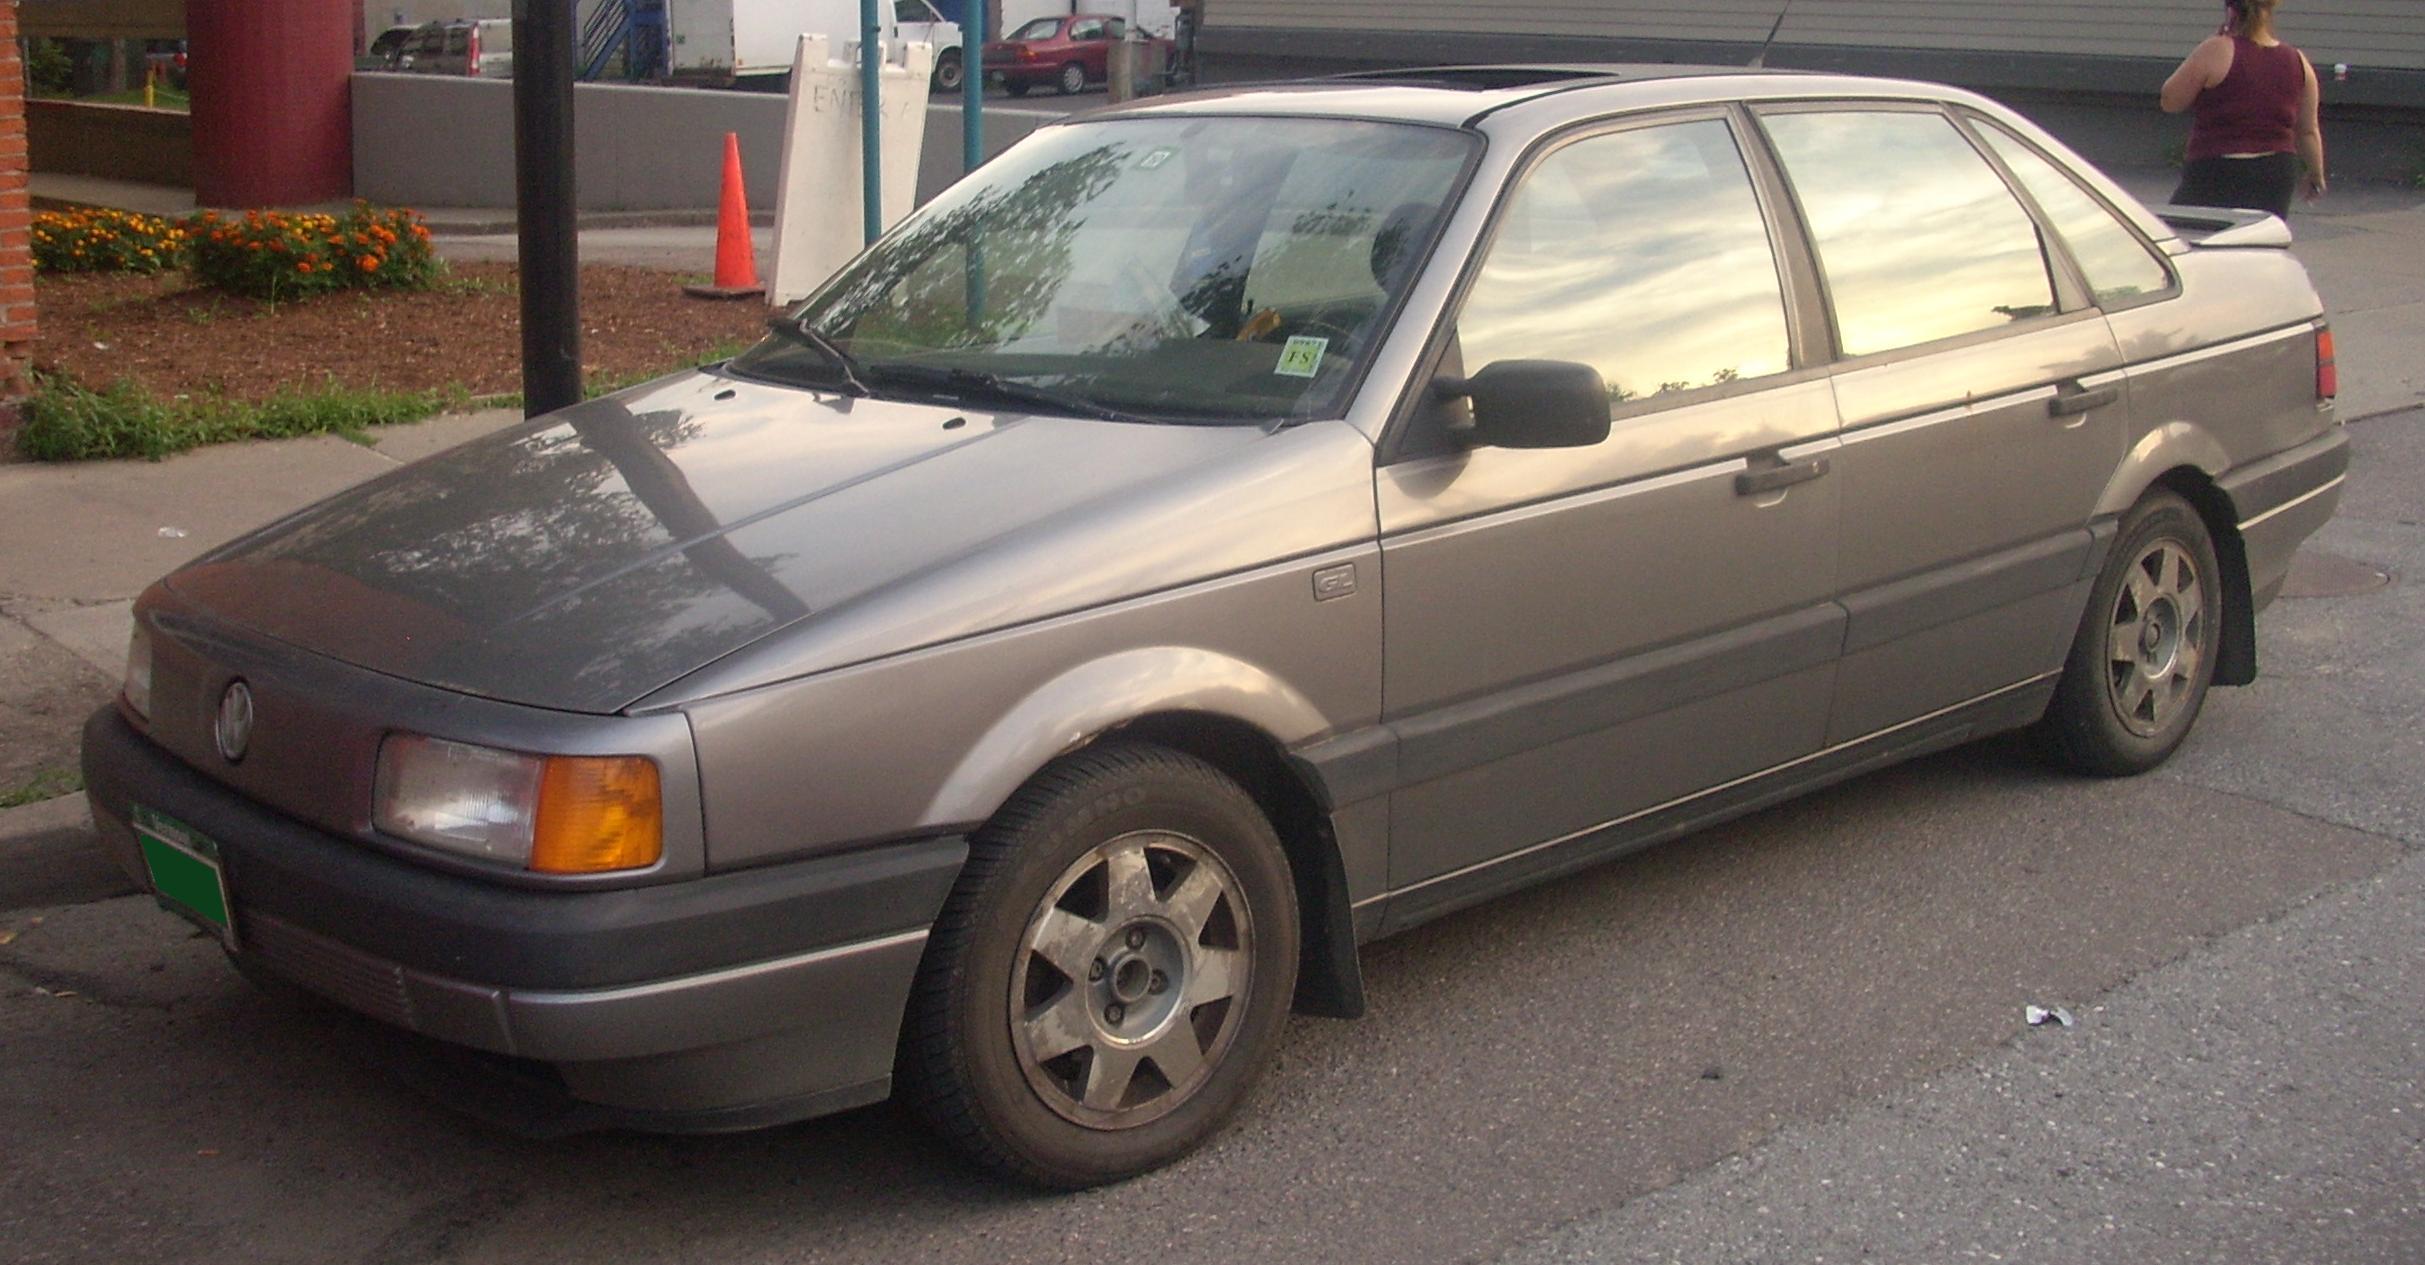 Четвёртое поколение Volkswagen Passat несмотря на некоторое внешние отличие с третьим поколением отличается от B3...